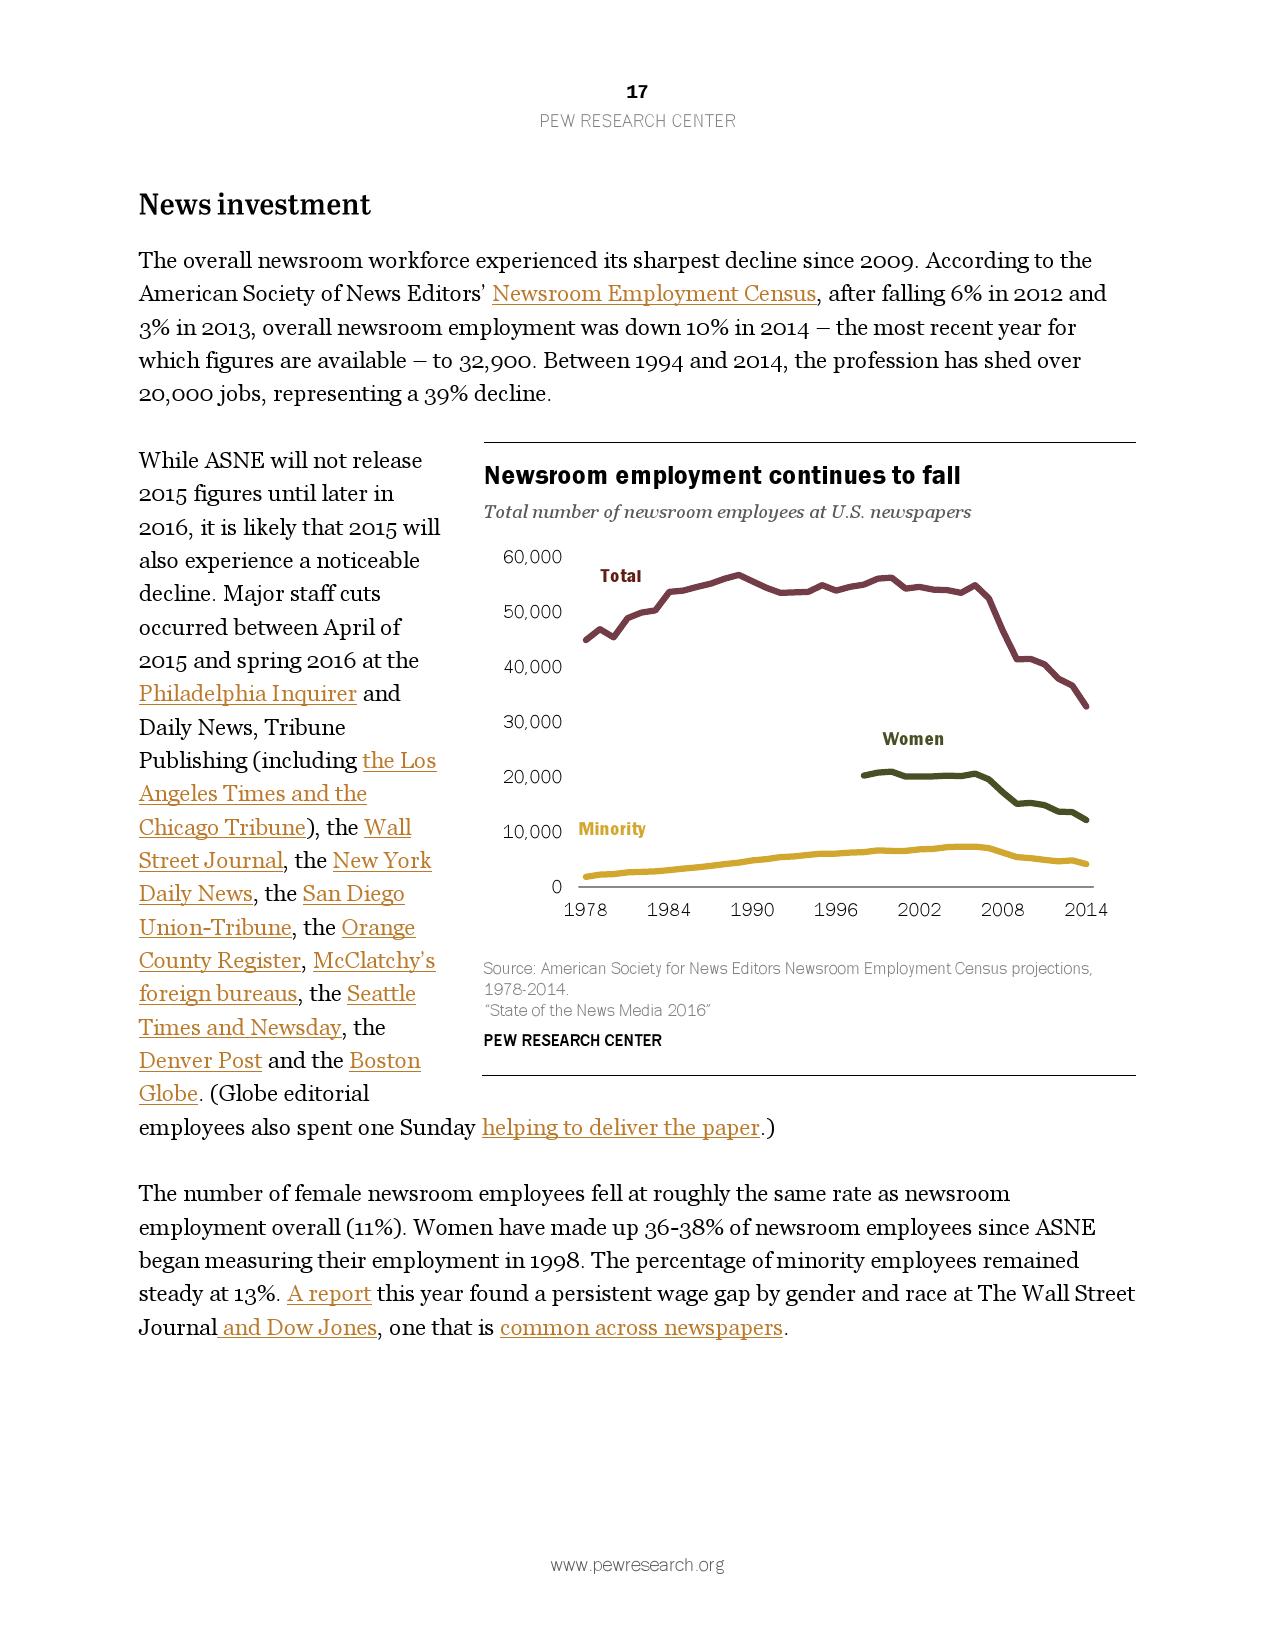 2016美国新媒体研究报告_000017